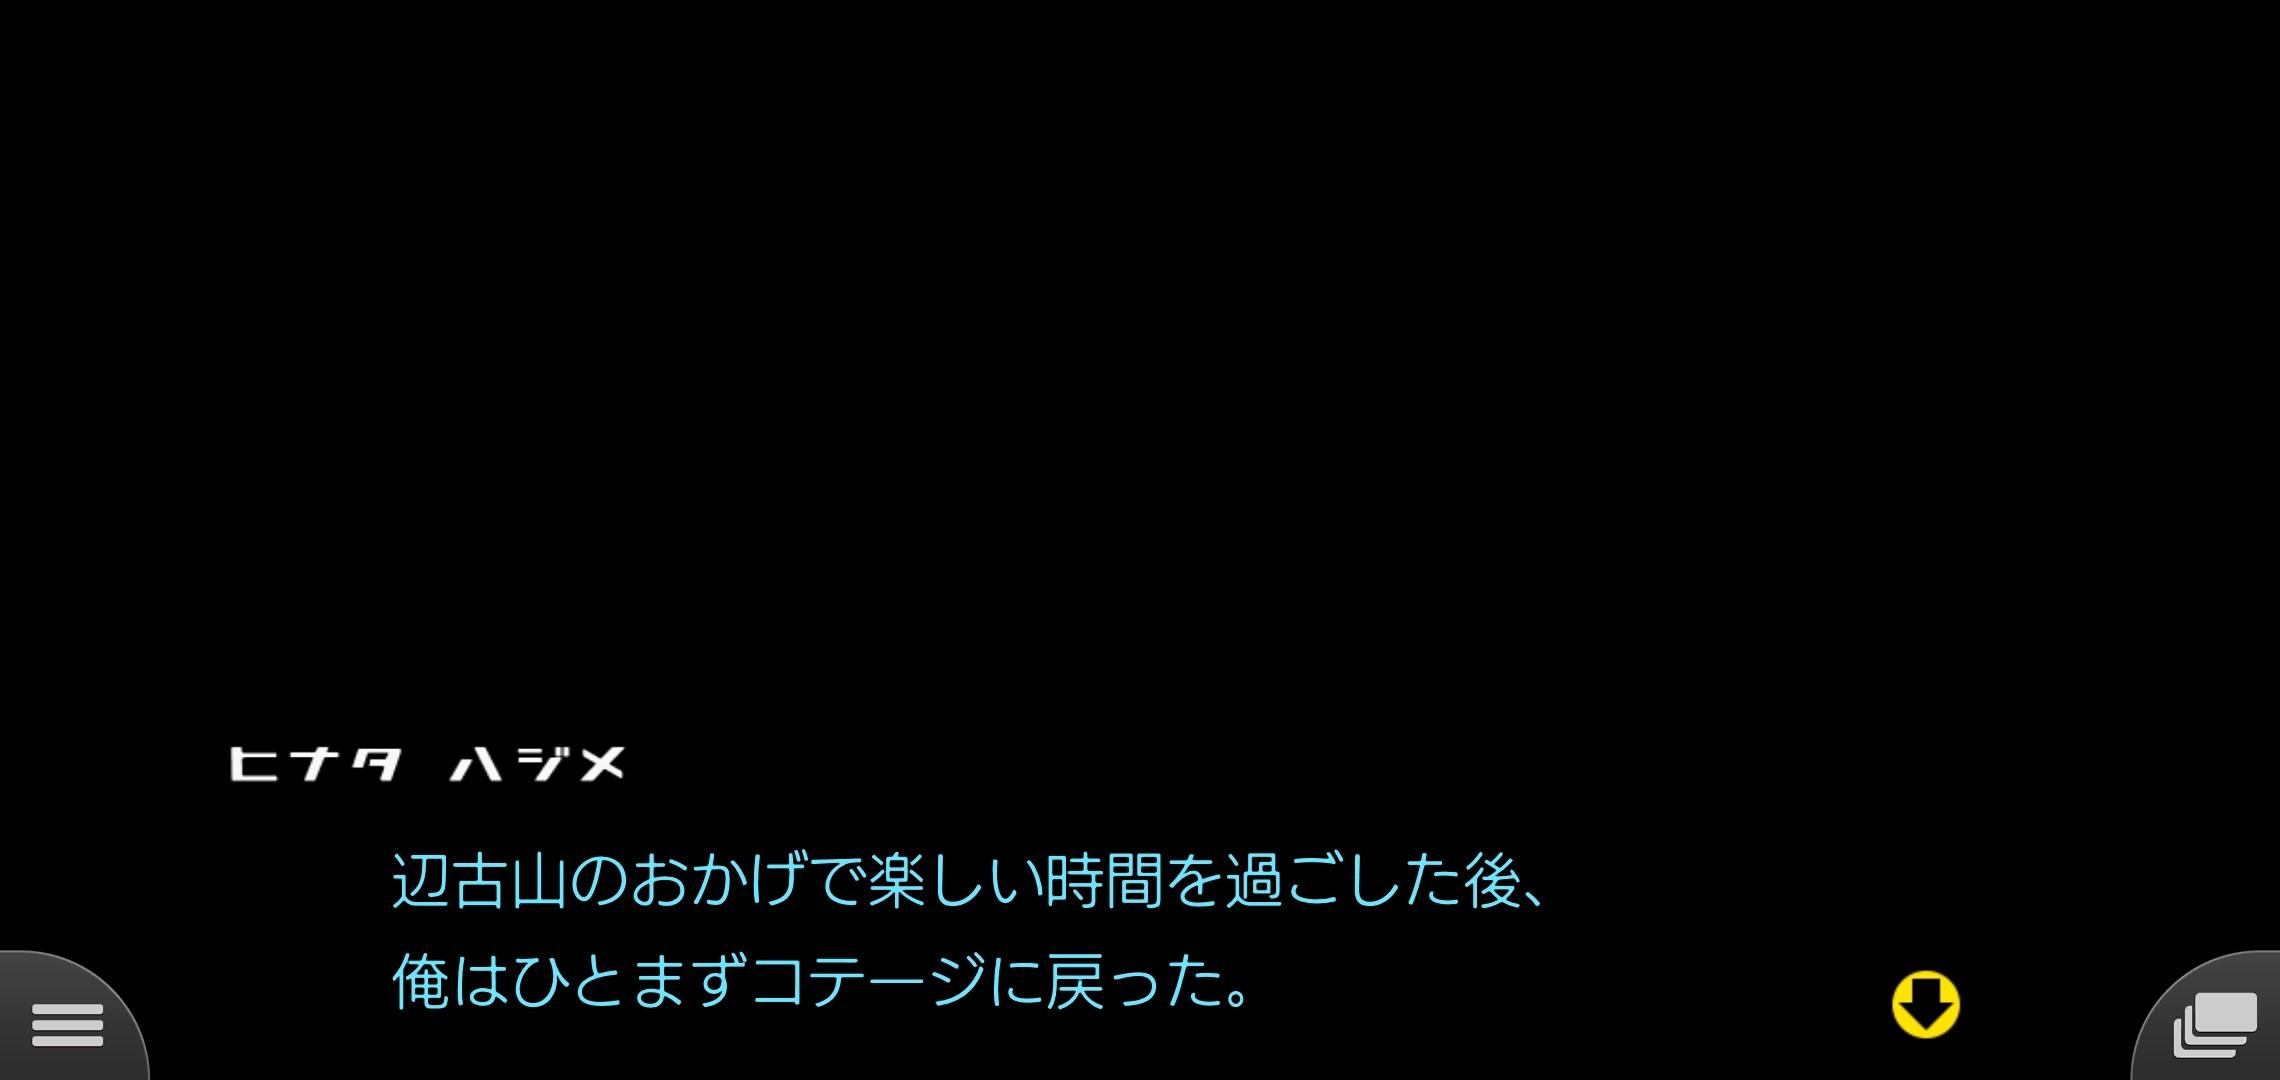 f:id:Rinburu:20201128184555j:plain